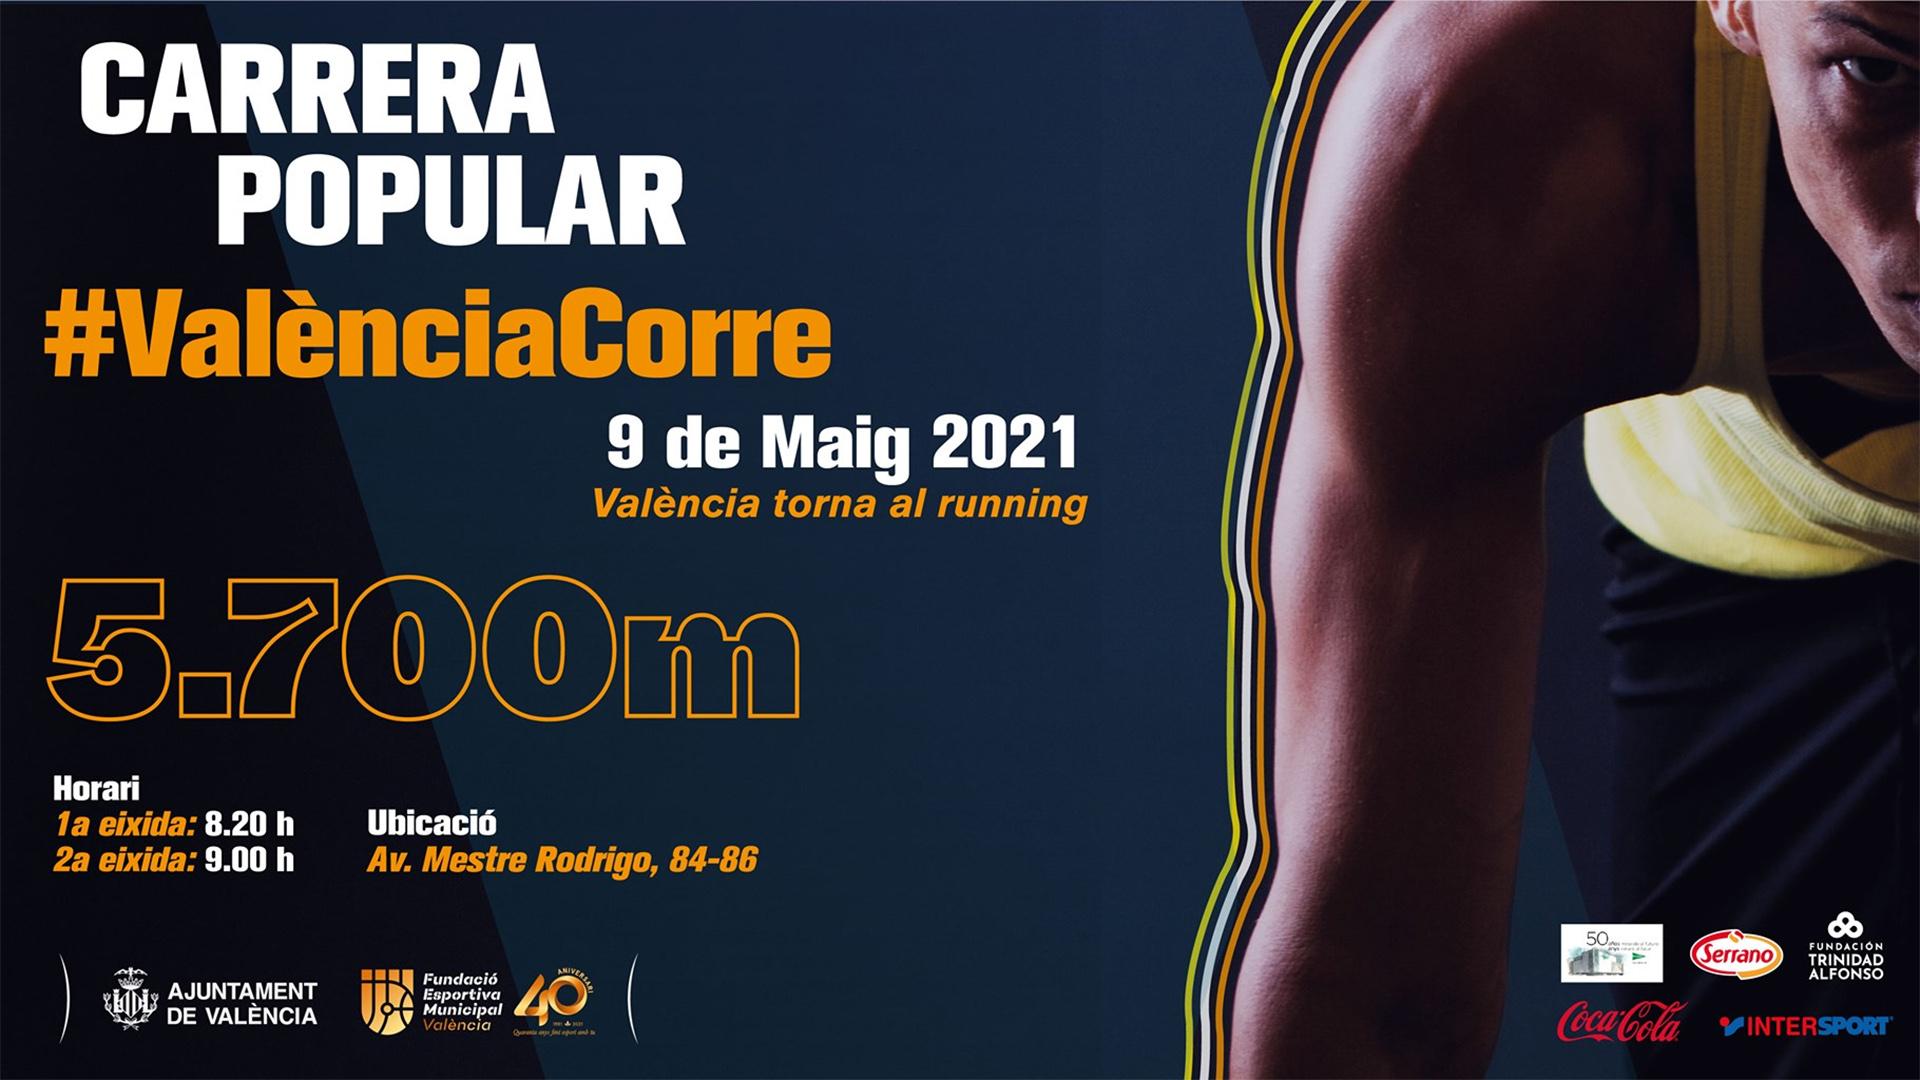 #ValenciaCorre